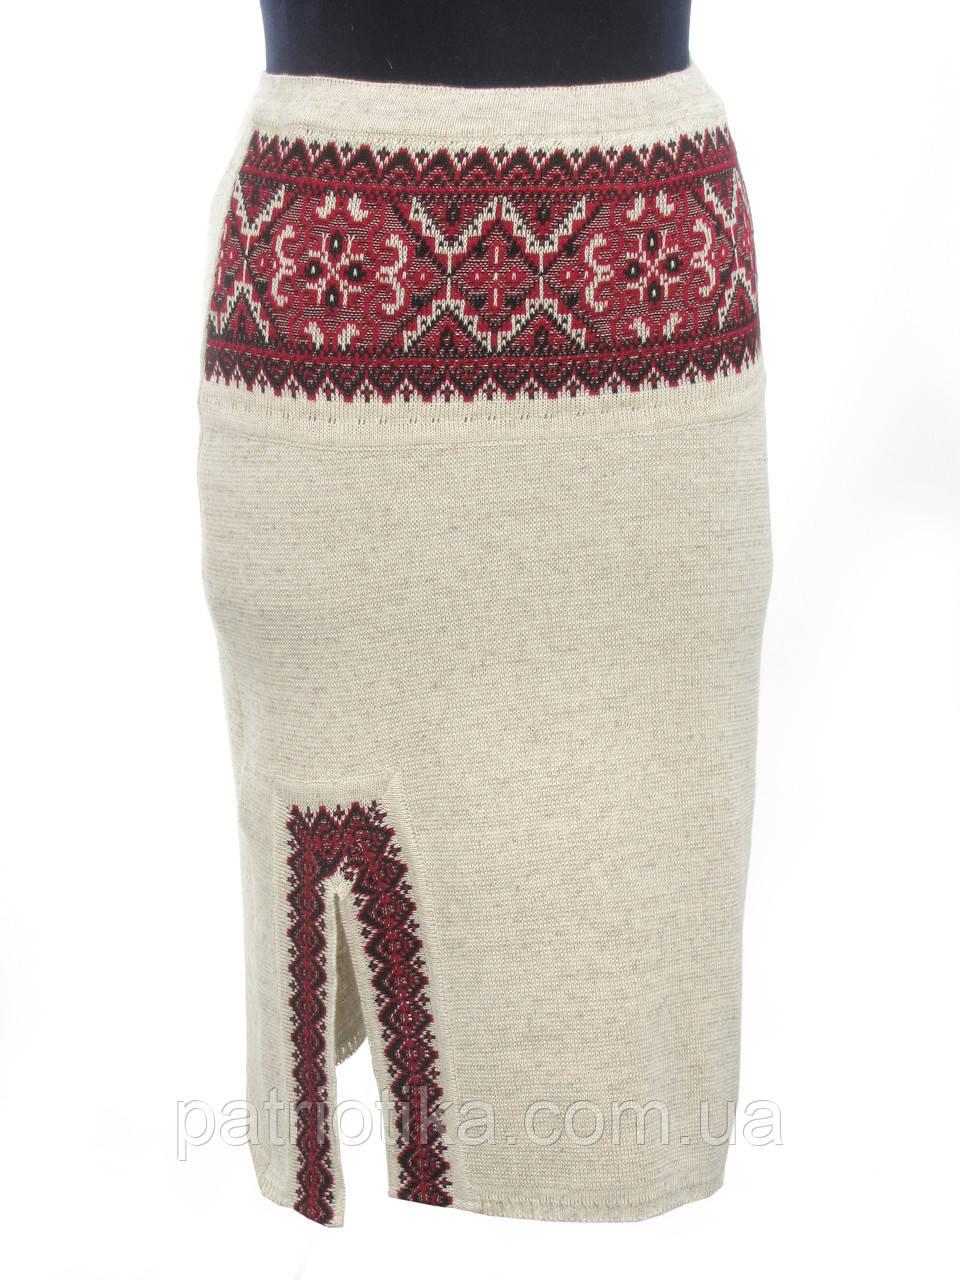 Вязаная юбка Влада красная с разрезом | В'язана спідниця Влада червона з розрізом